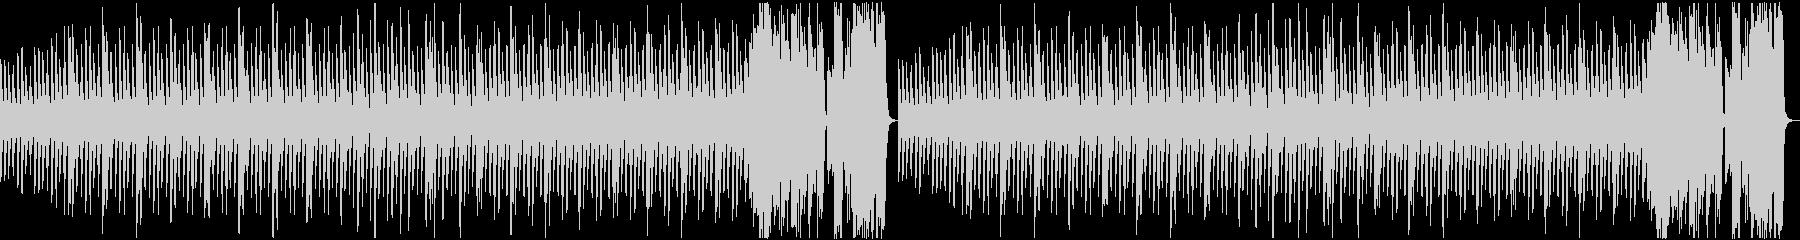 ダンジョンや迷宮向けBGMの未再生の波形